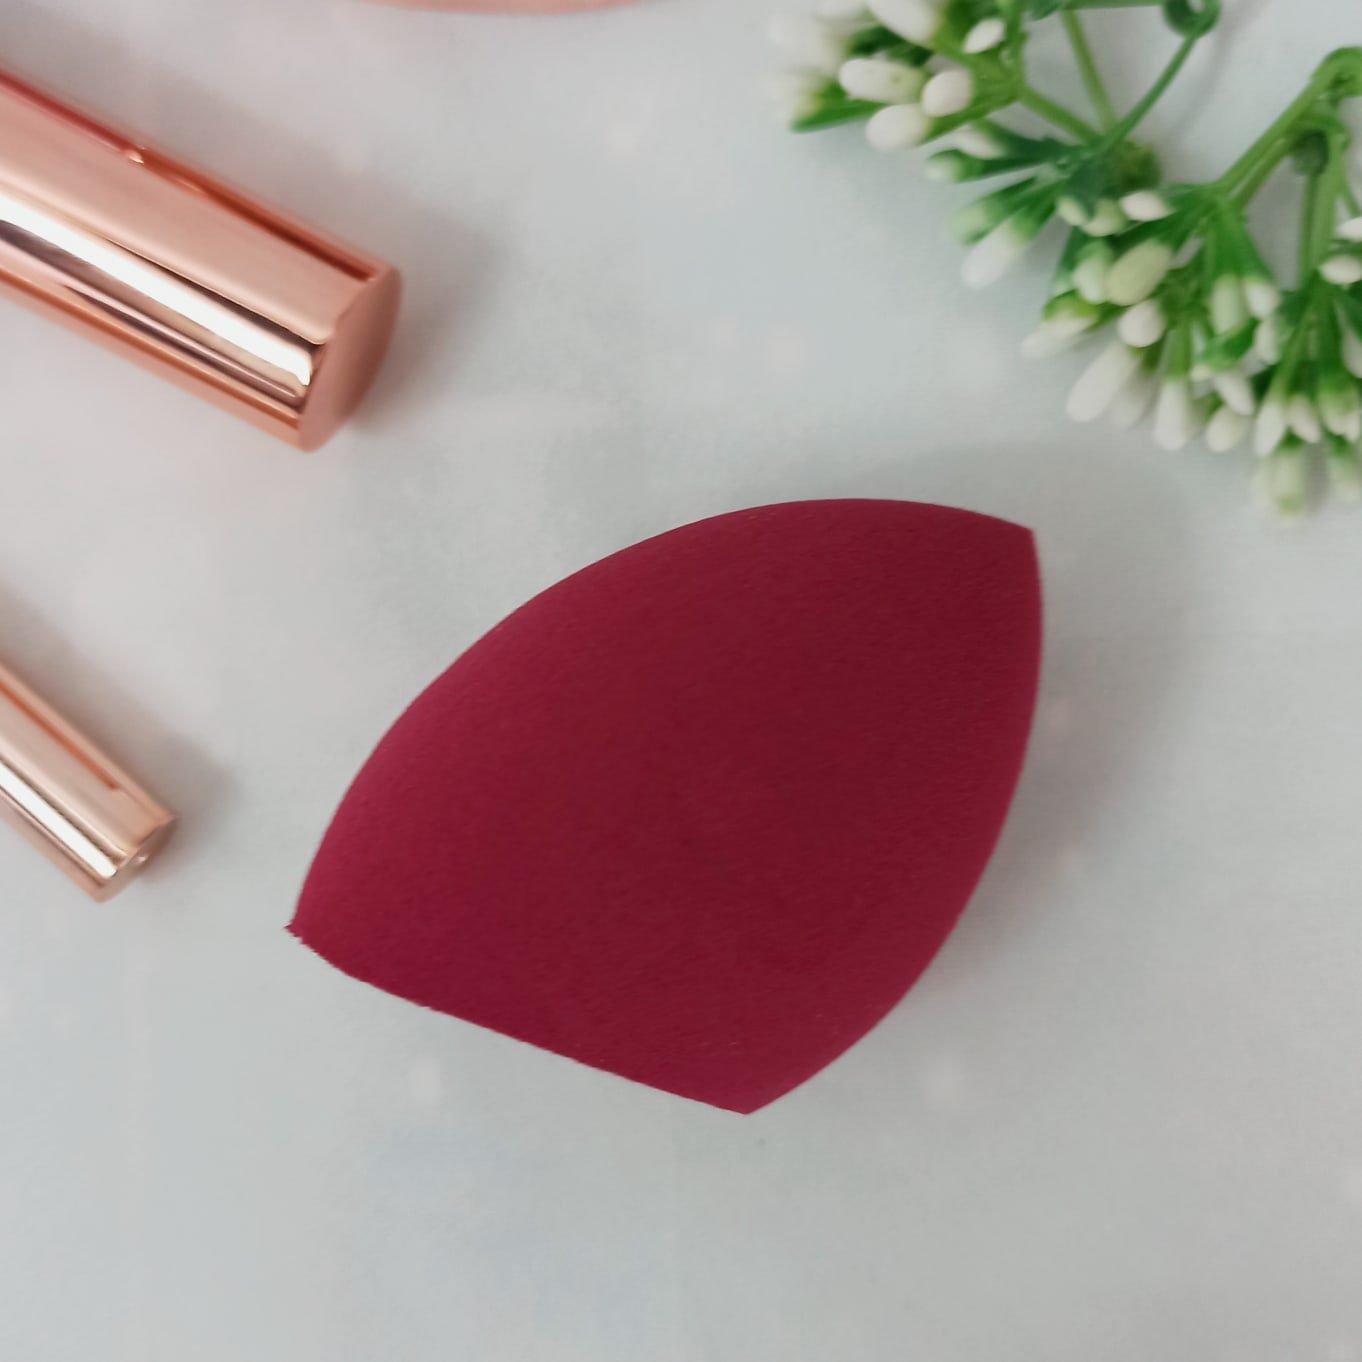 Обзор на скошенный спонж для макияжа - обзор